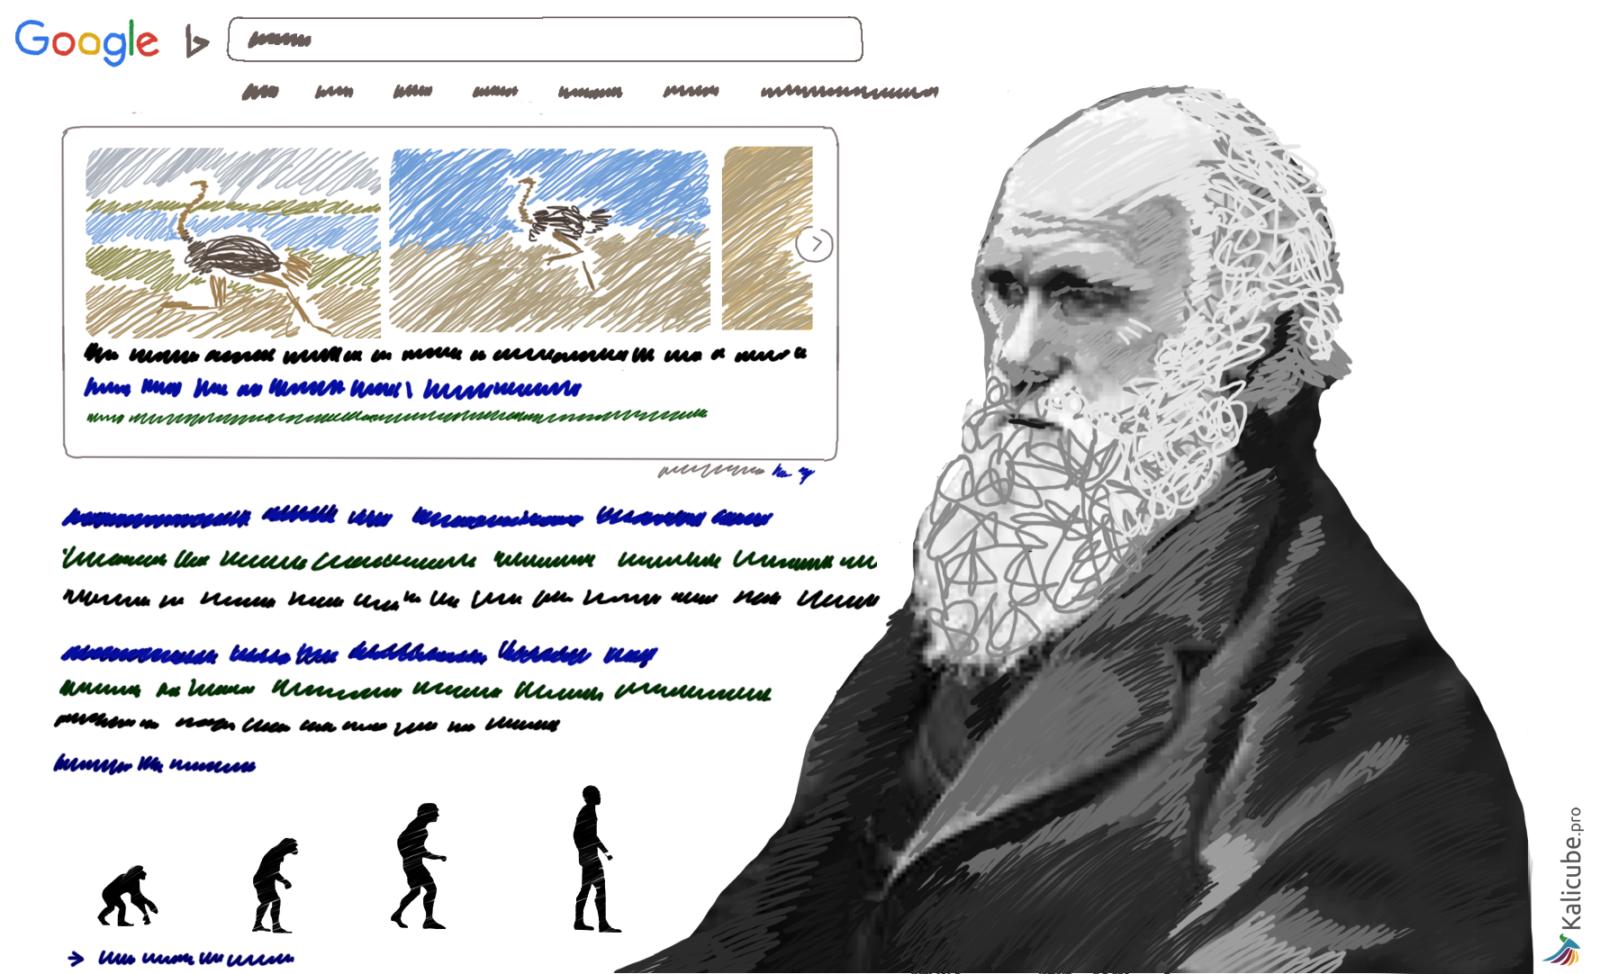 Comment fonctionne l'algorithme de la page entière de Bing